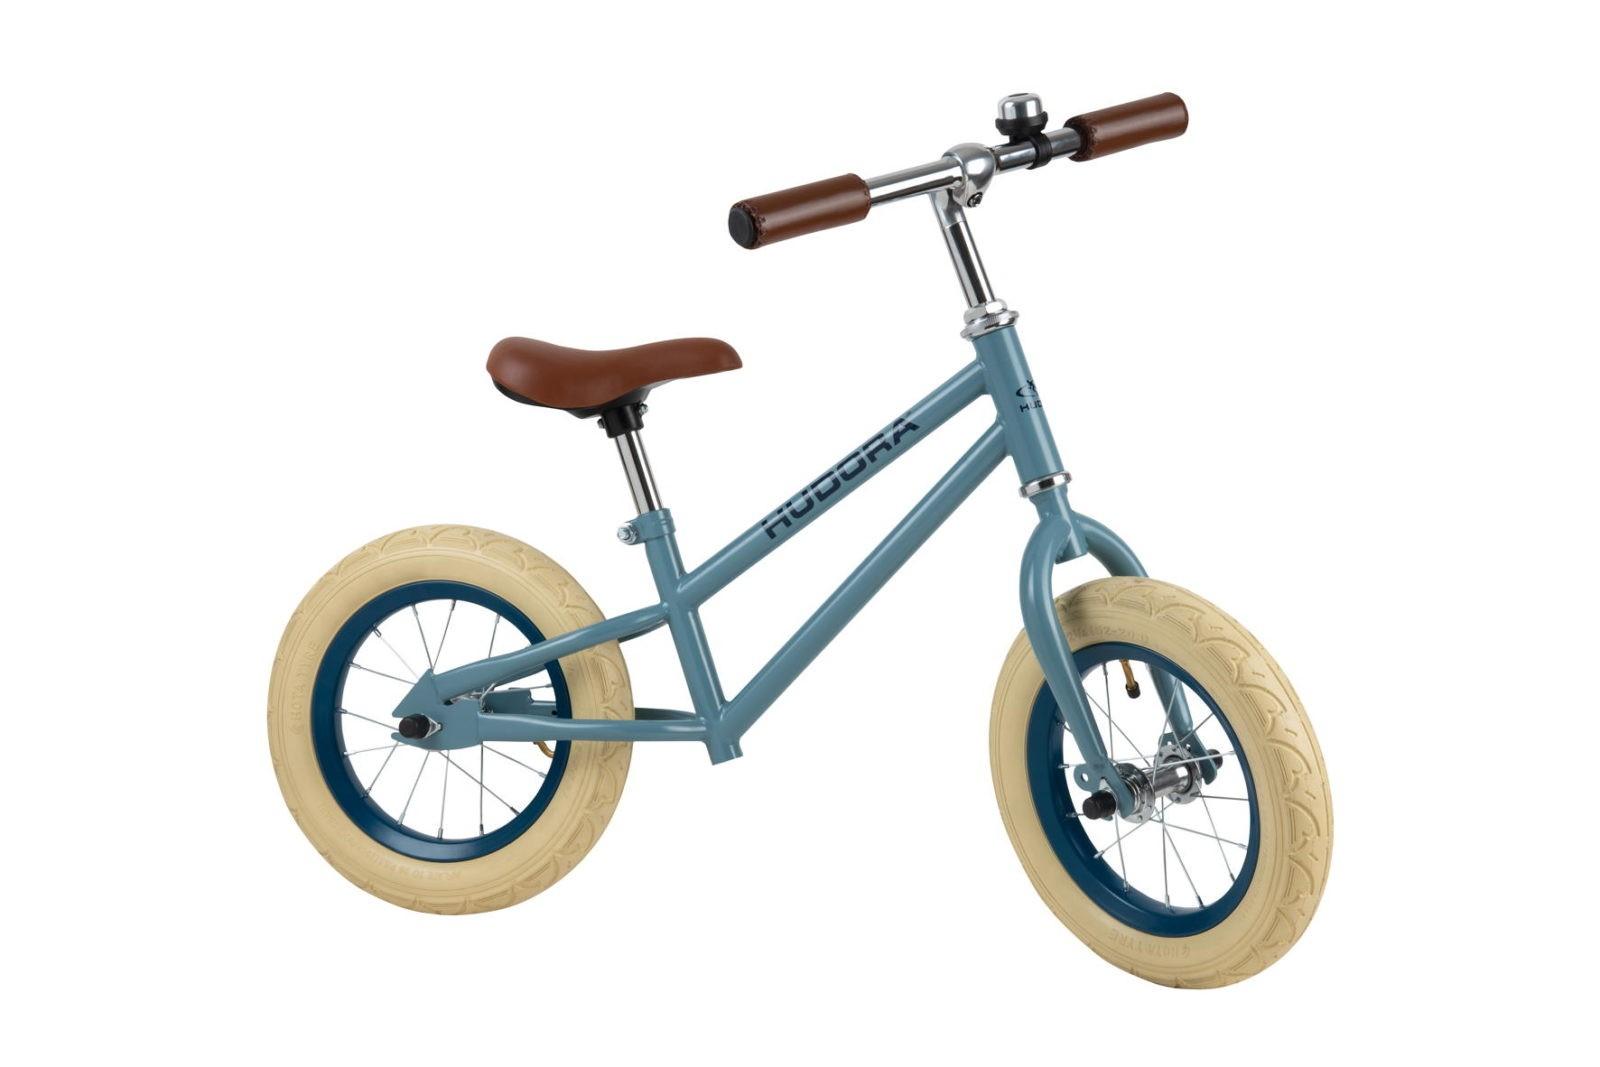 Eine große Auswahl an Laufrädern für alle Altersstufen bietet Hudora: Darunter ist auch dieses leichtgewichtige Laufrad für fortgeschrittene Laufradfahrer.  www.hudora.de